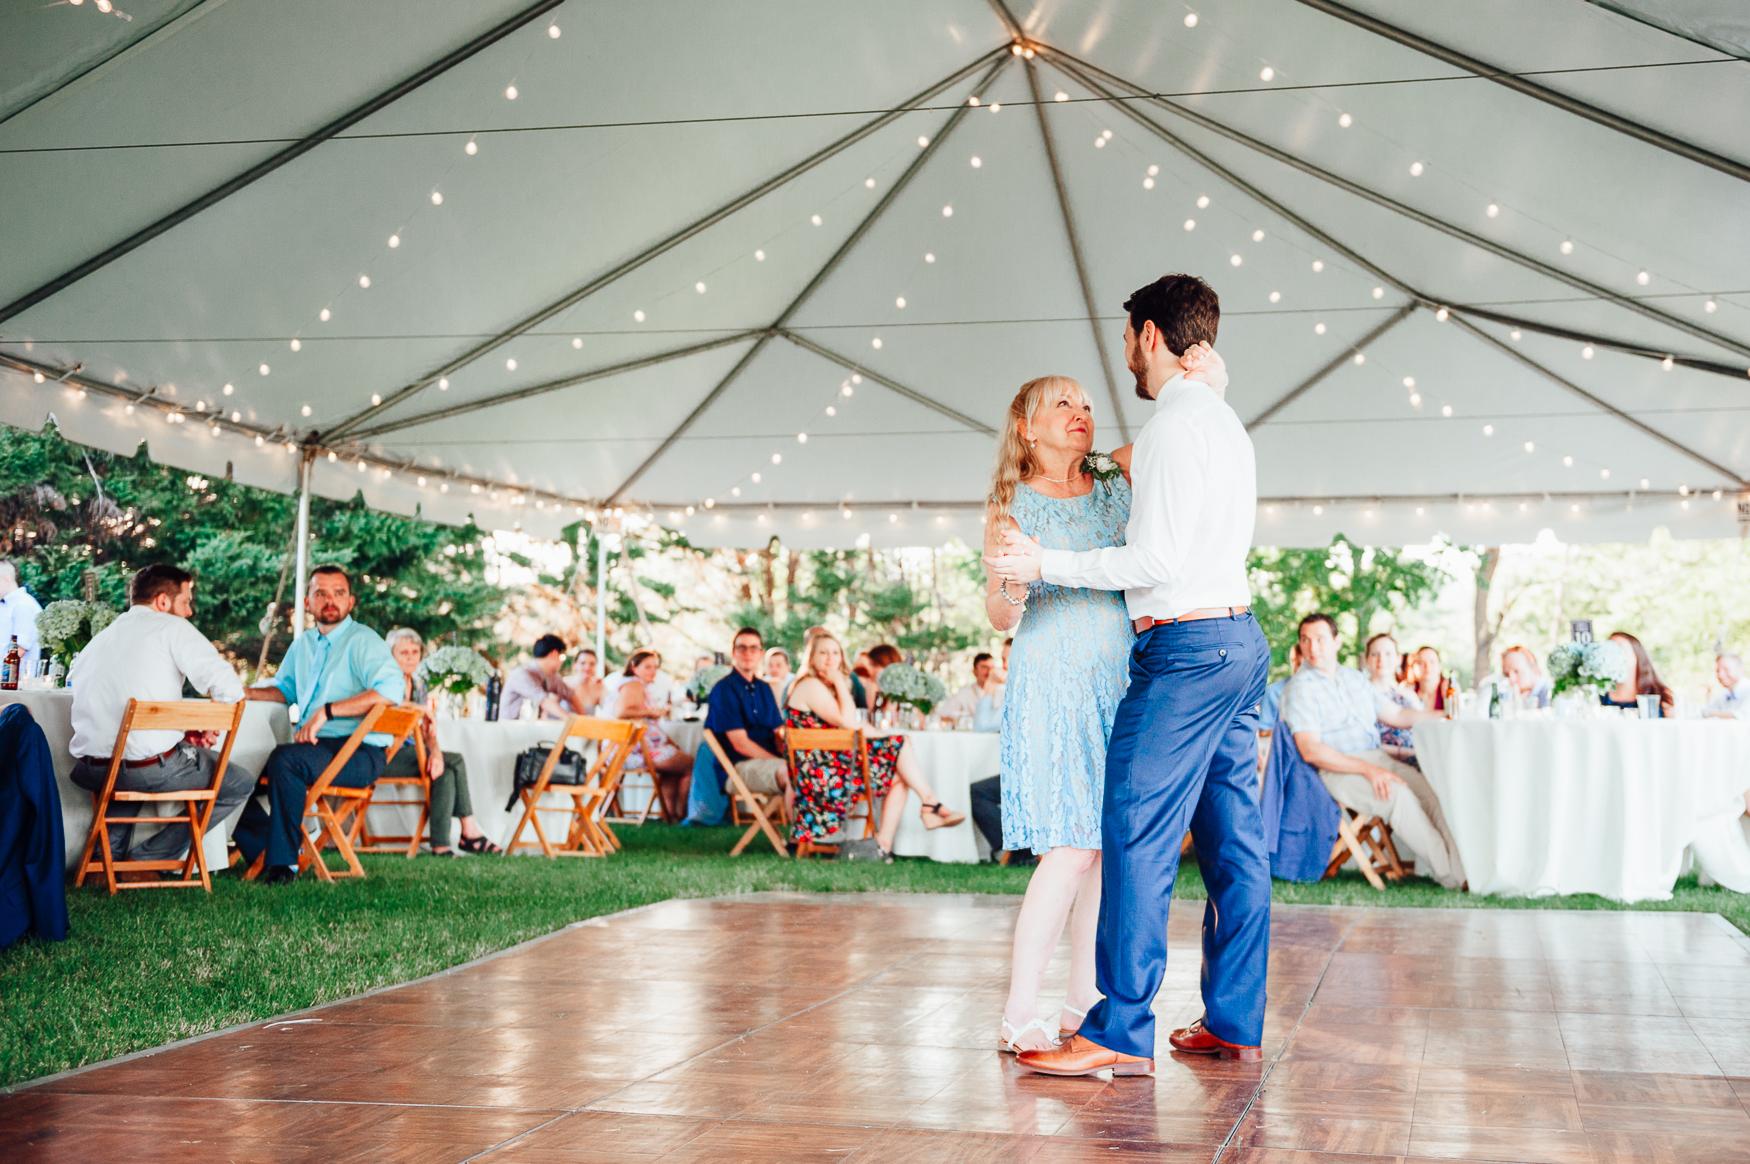 charlottesvillewedding_backyardwedding_virginia_youseephotography_CaitlinDerek (76).jpg